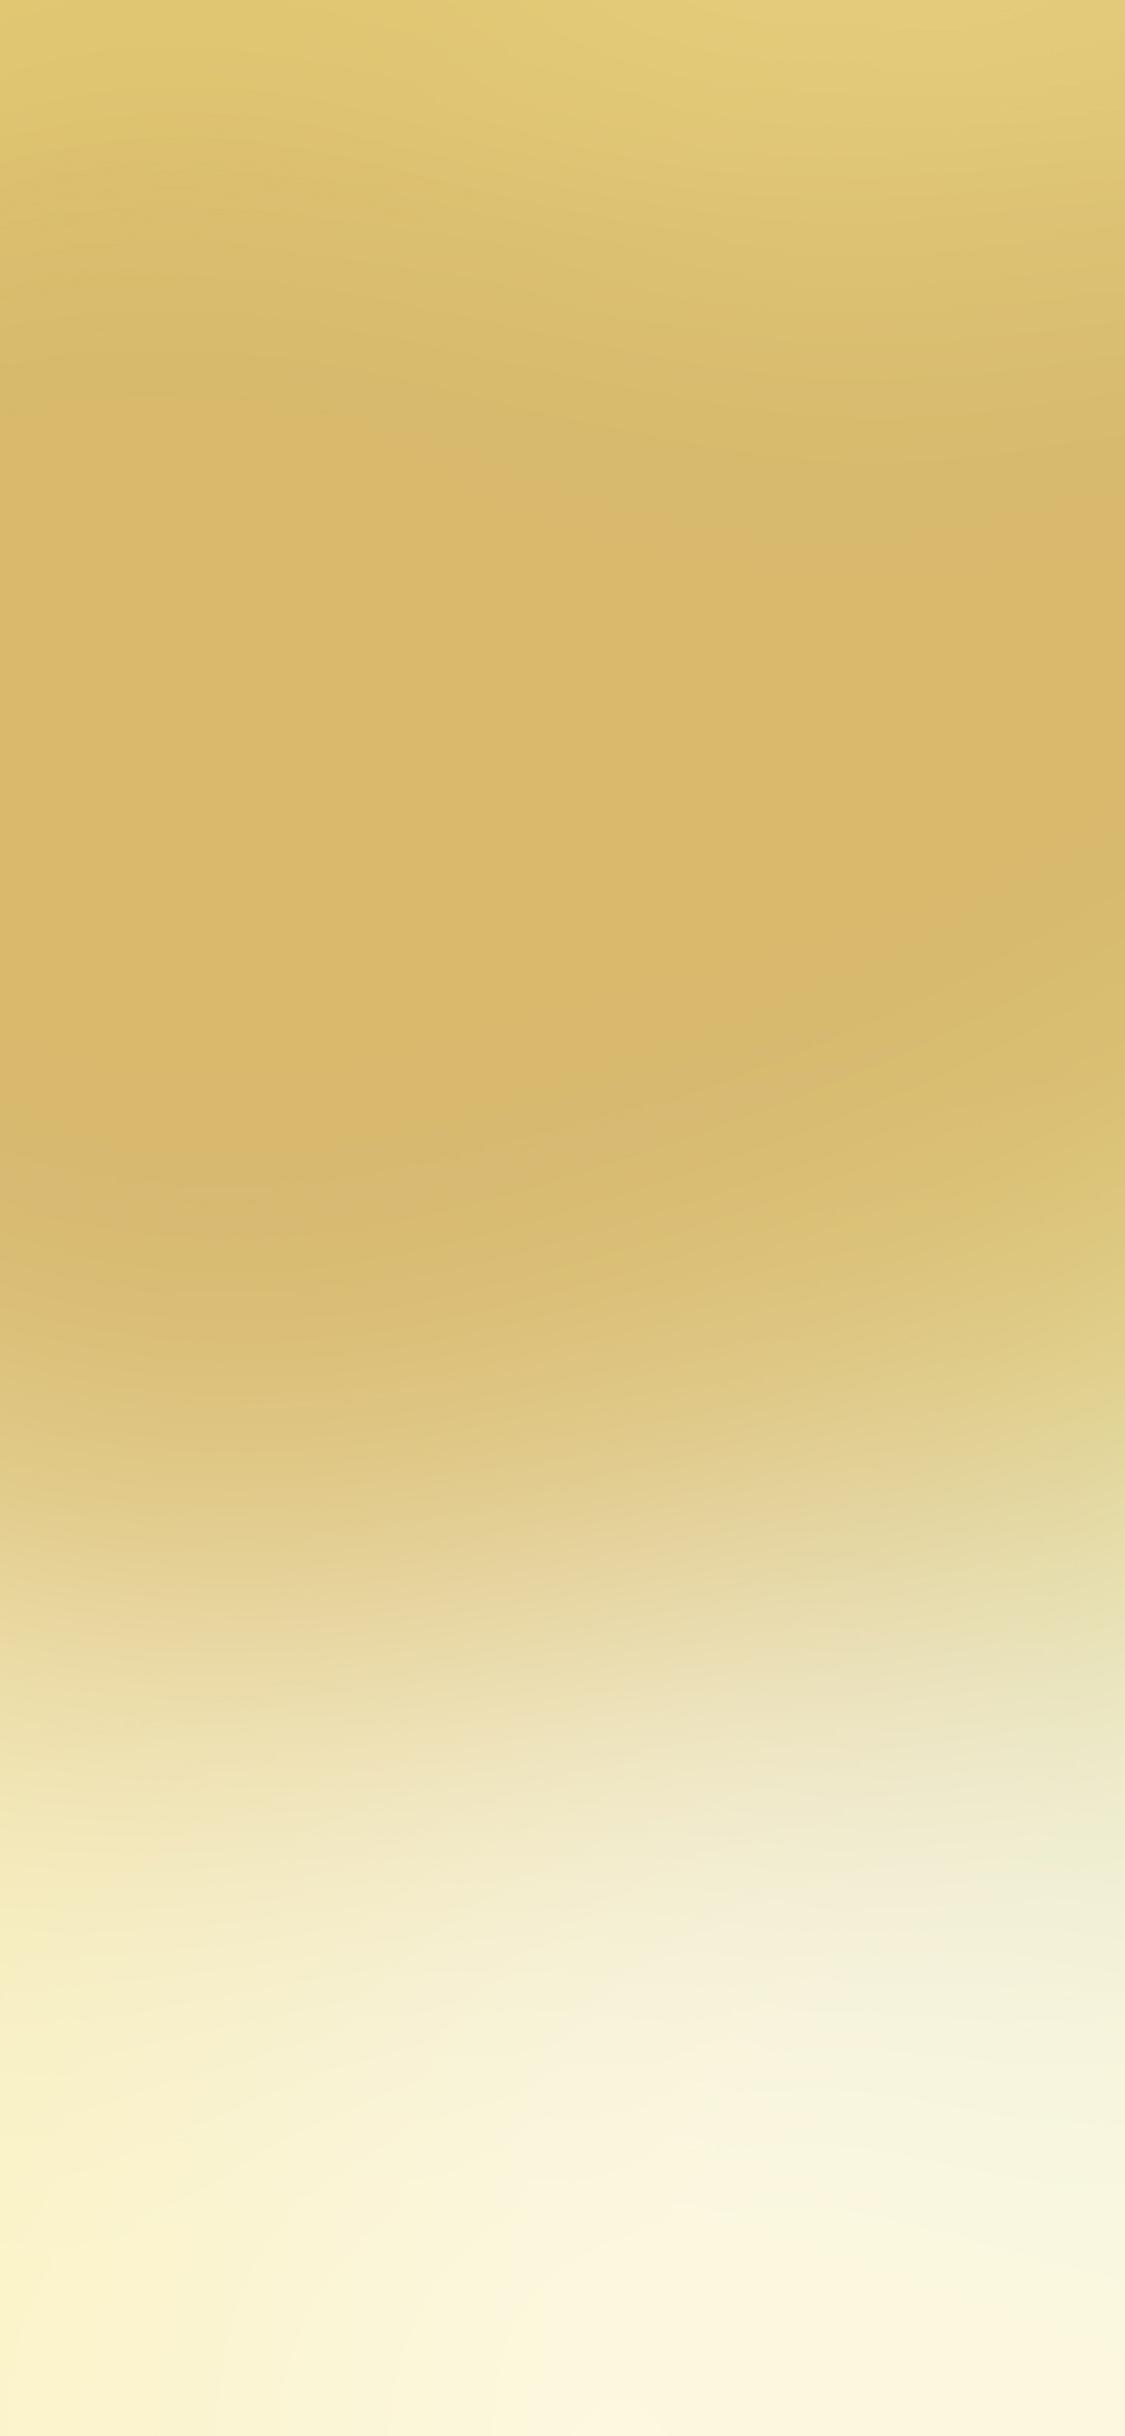 iPhoneXpapers.com-Apple-iPhone-wallpaper-sa76-wallpaper-godl-space-blur